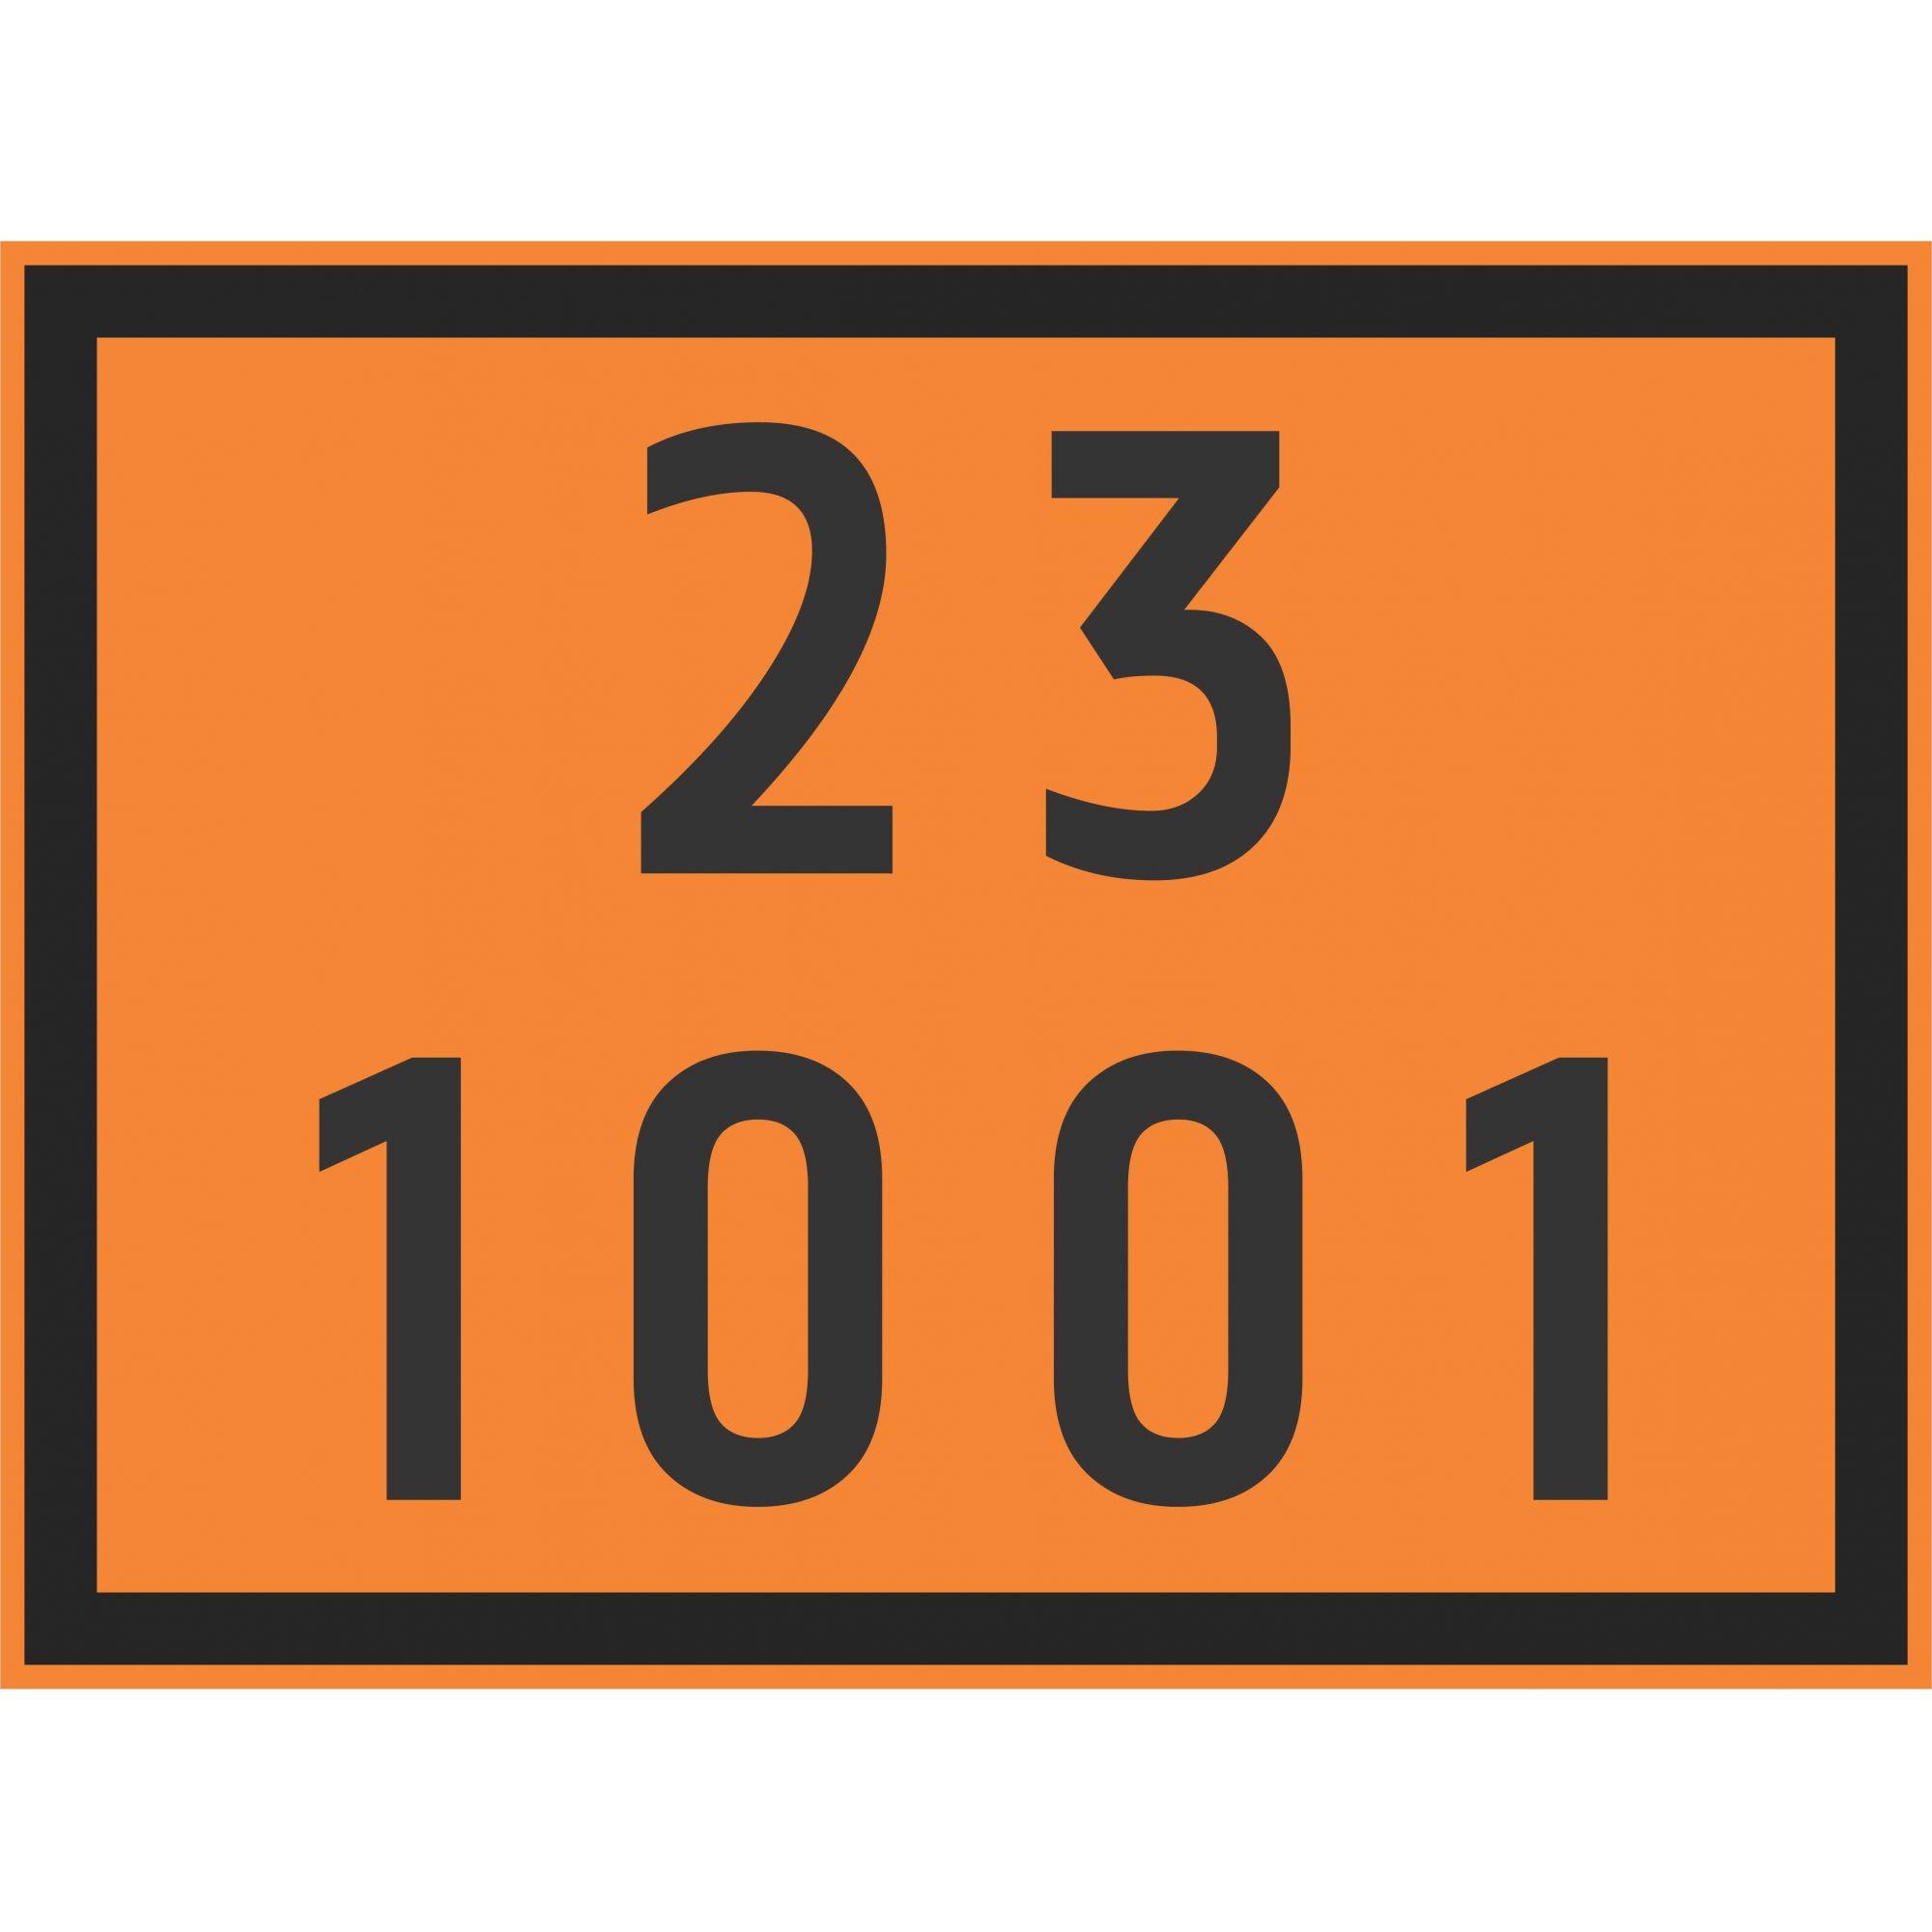 ACETILENO 1001  - Towbar Sinalização de Segurança